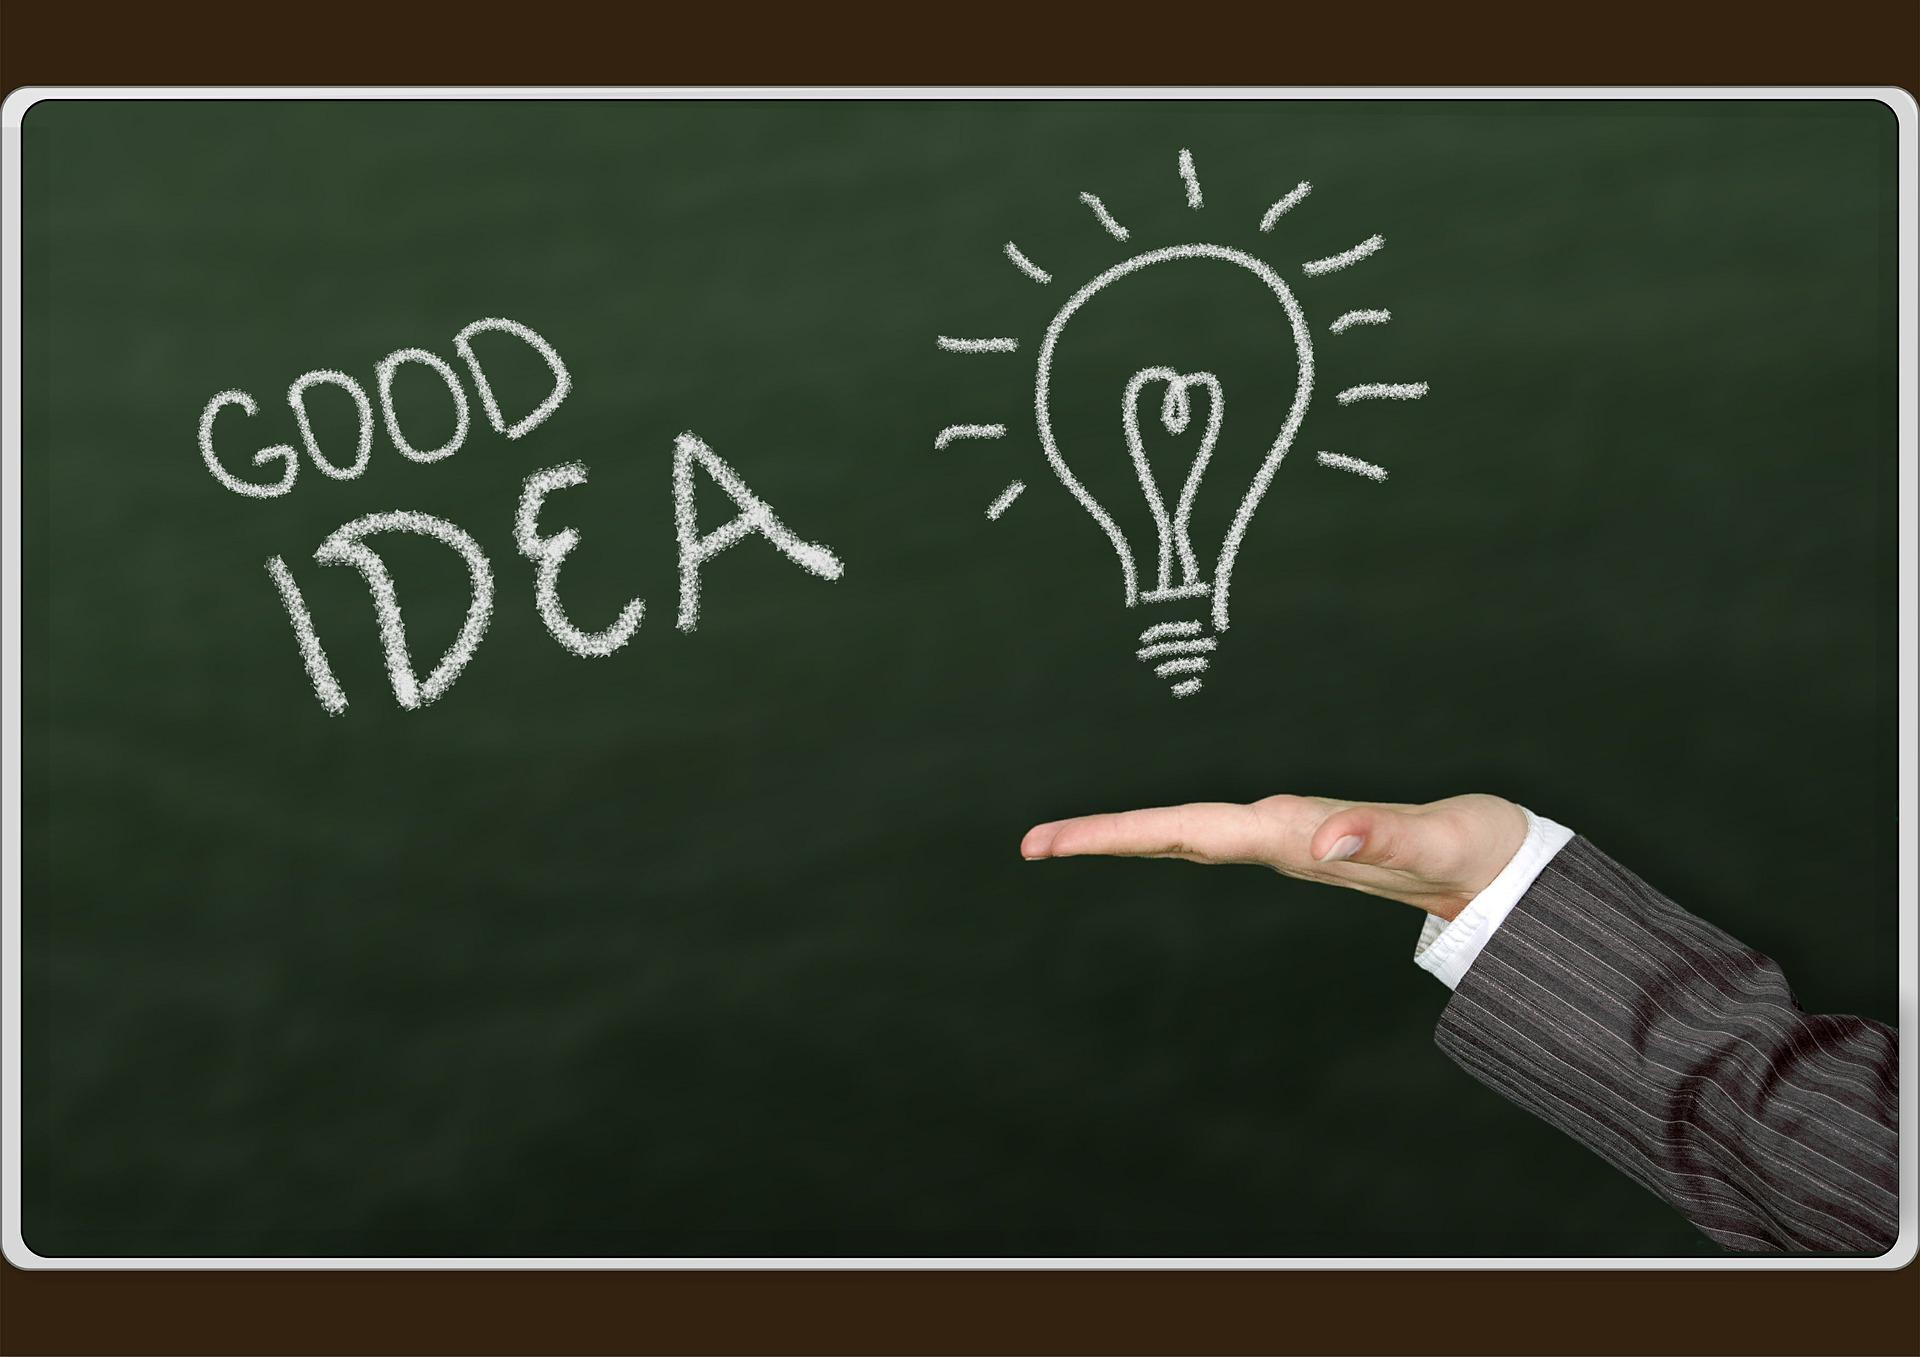 ideia criativa pode ajudar você a aumentar sua renda.